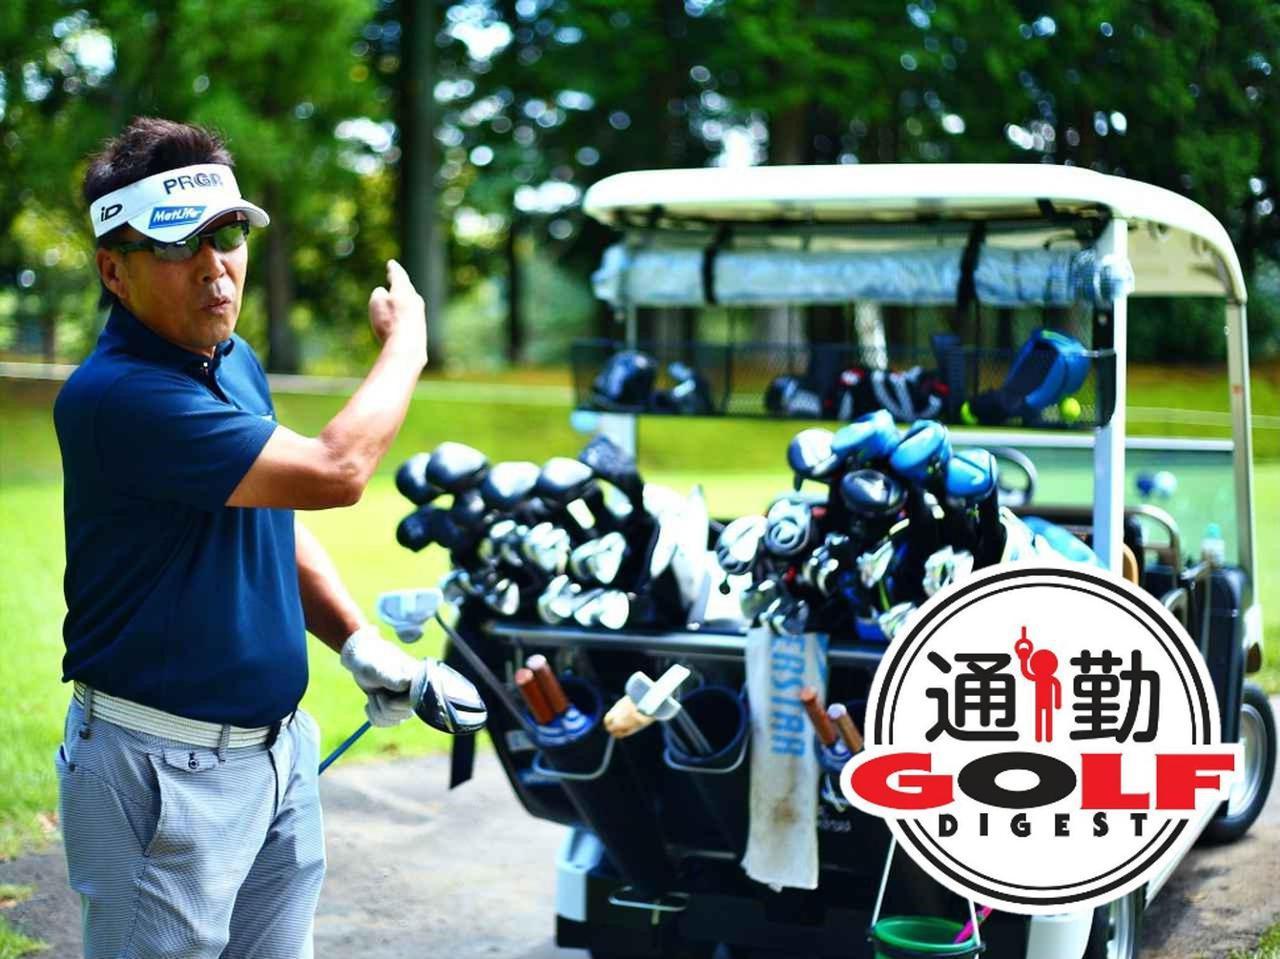 画像: 【通勤GD】海老原清治&奥田靖己 もう一花のゴルフVol.13  あなたのゴルフ、もつれてませんか? ゴルフダイジェストWEB - ゴルフへ行こうWEB by ゴルフダイジェスト